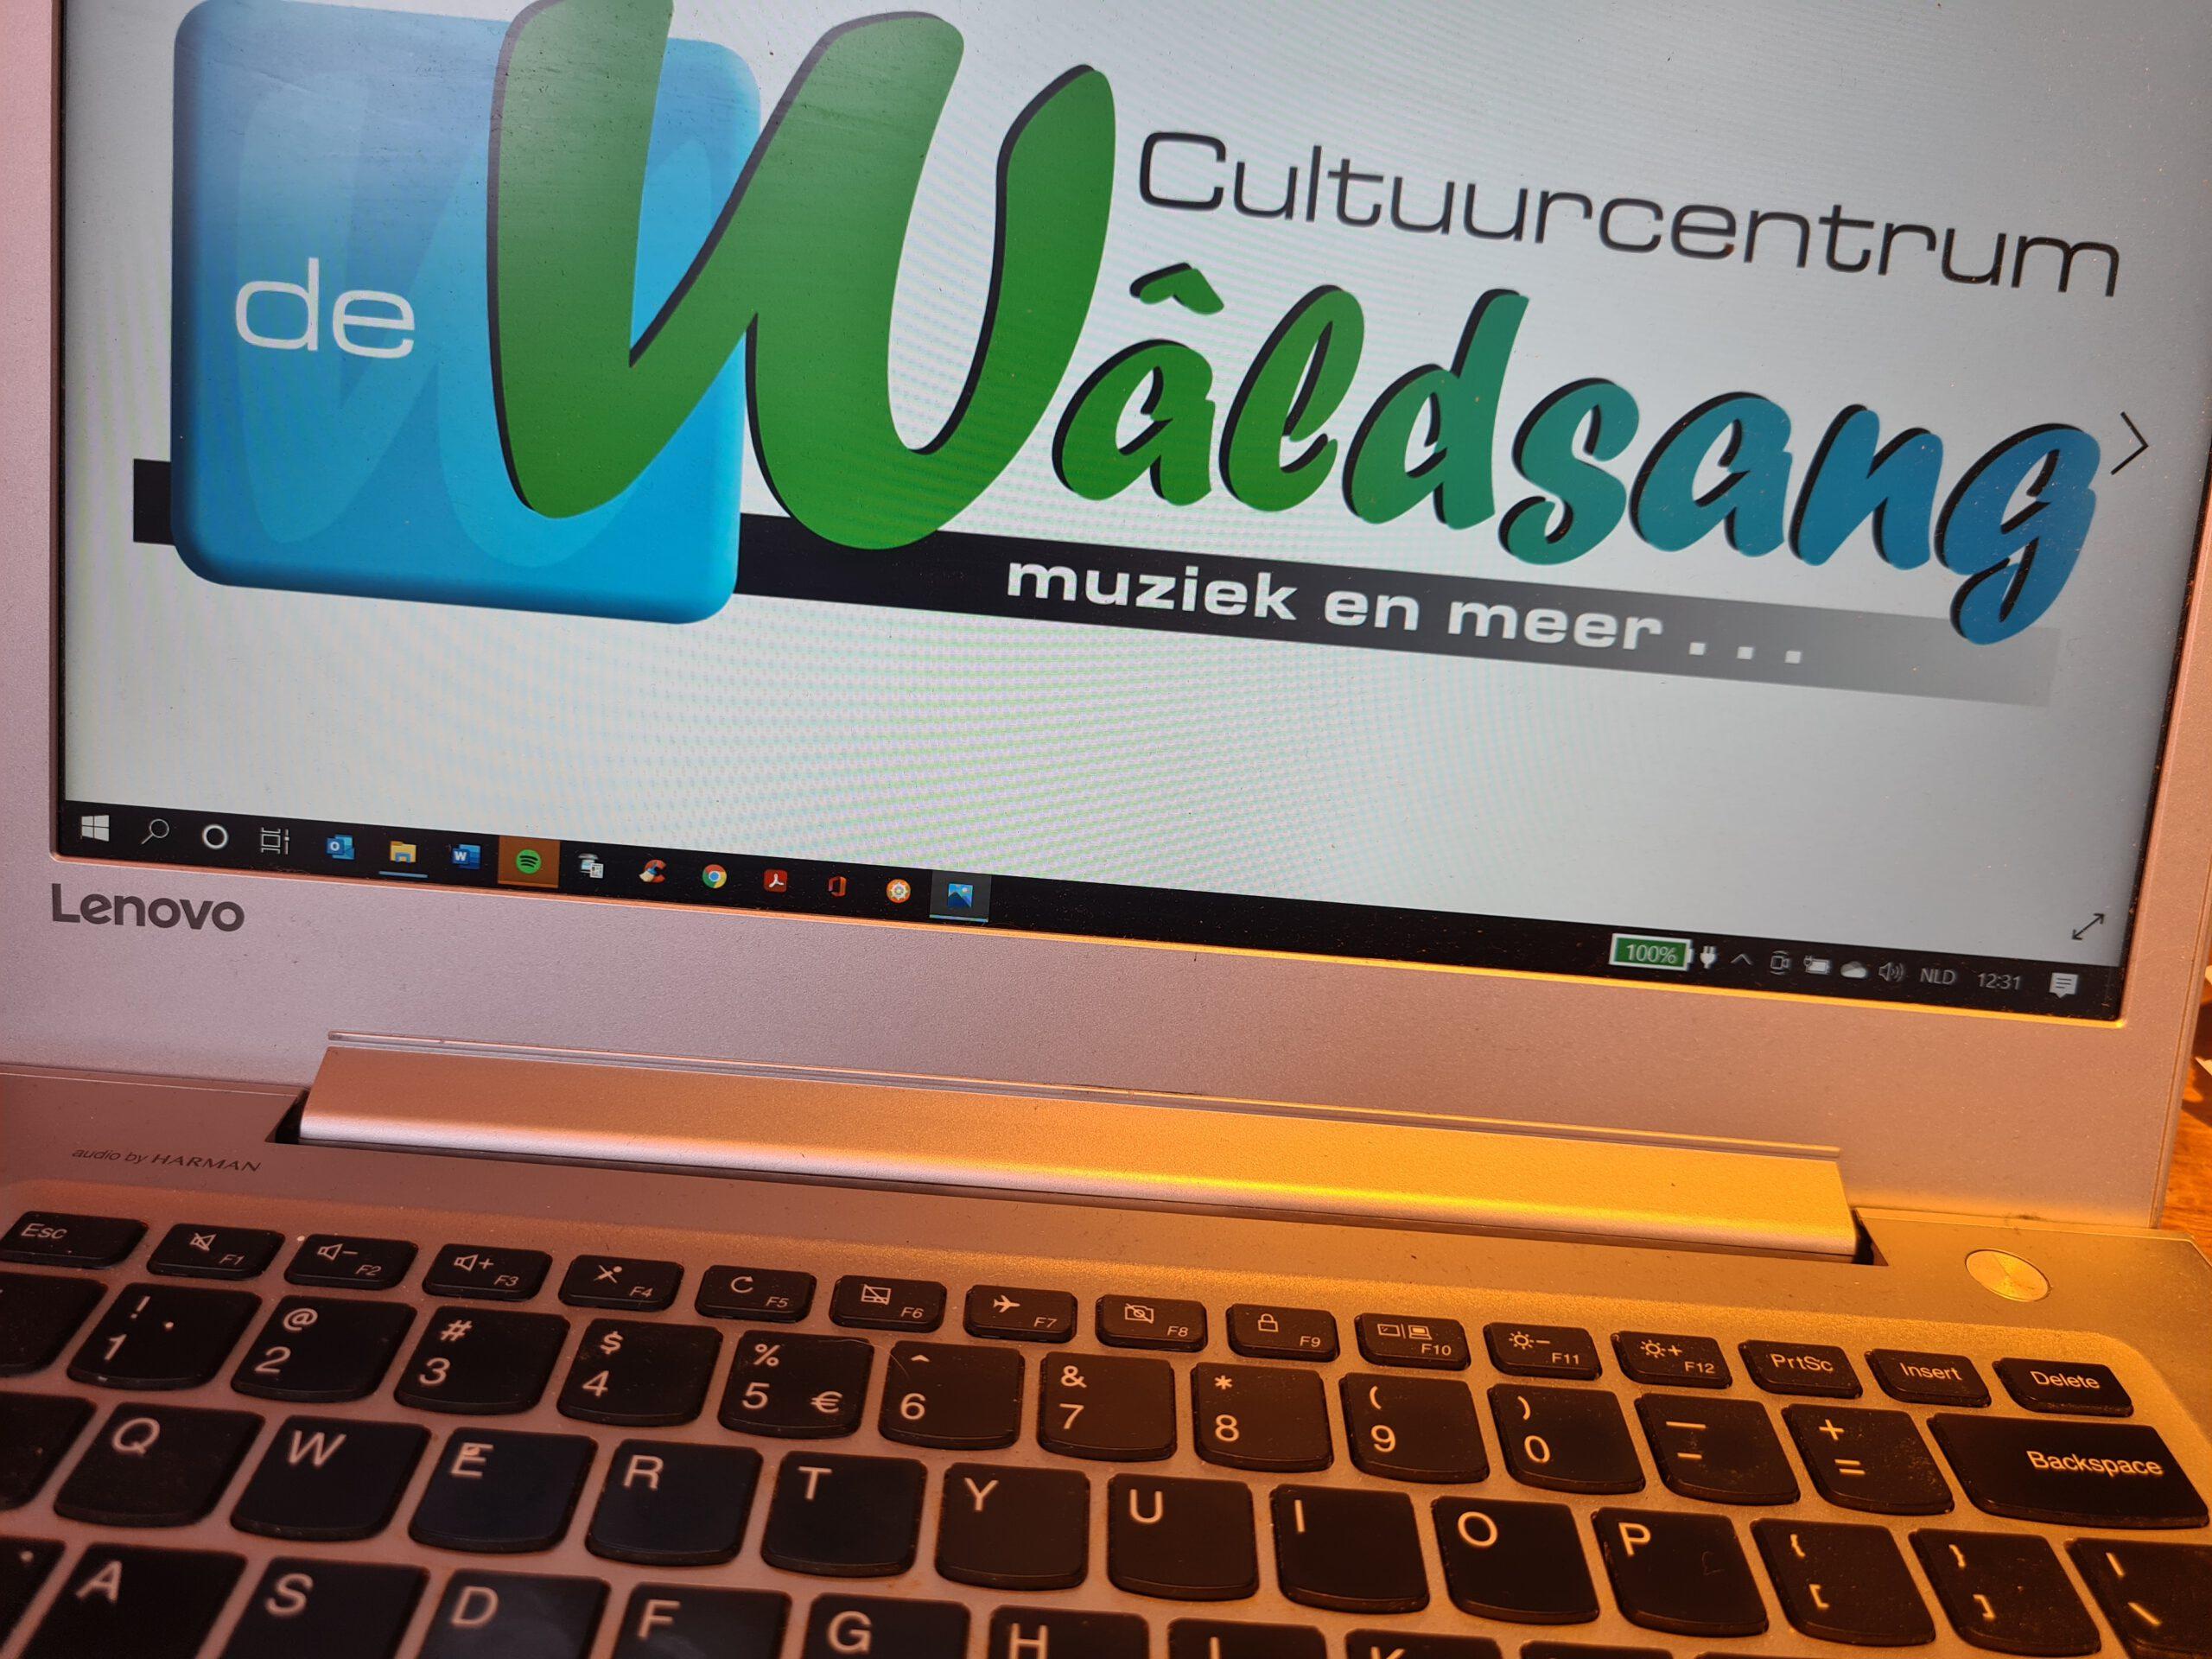 Klik Hieronder Voor Concertbezoek Digitaal Podium Wâldsang!